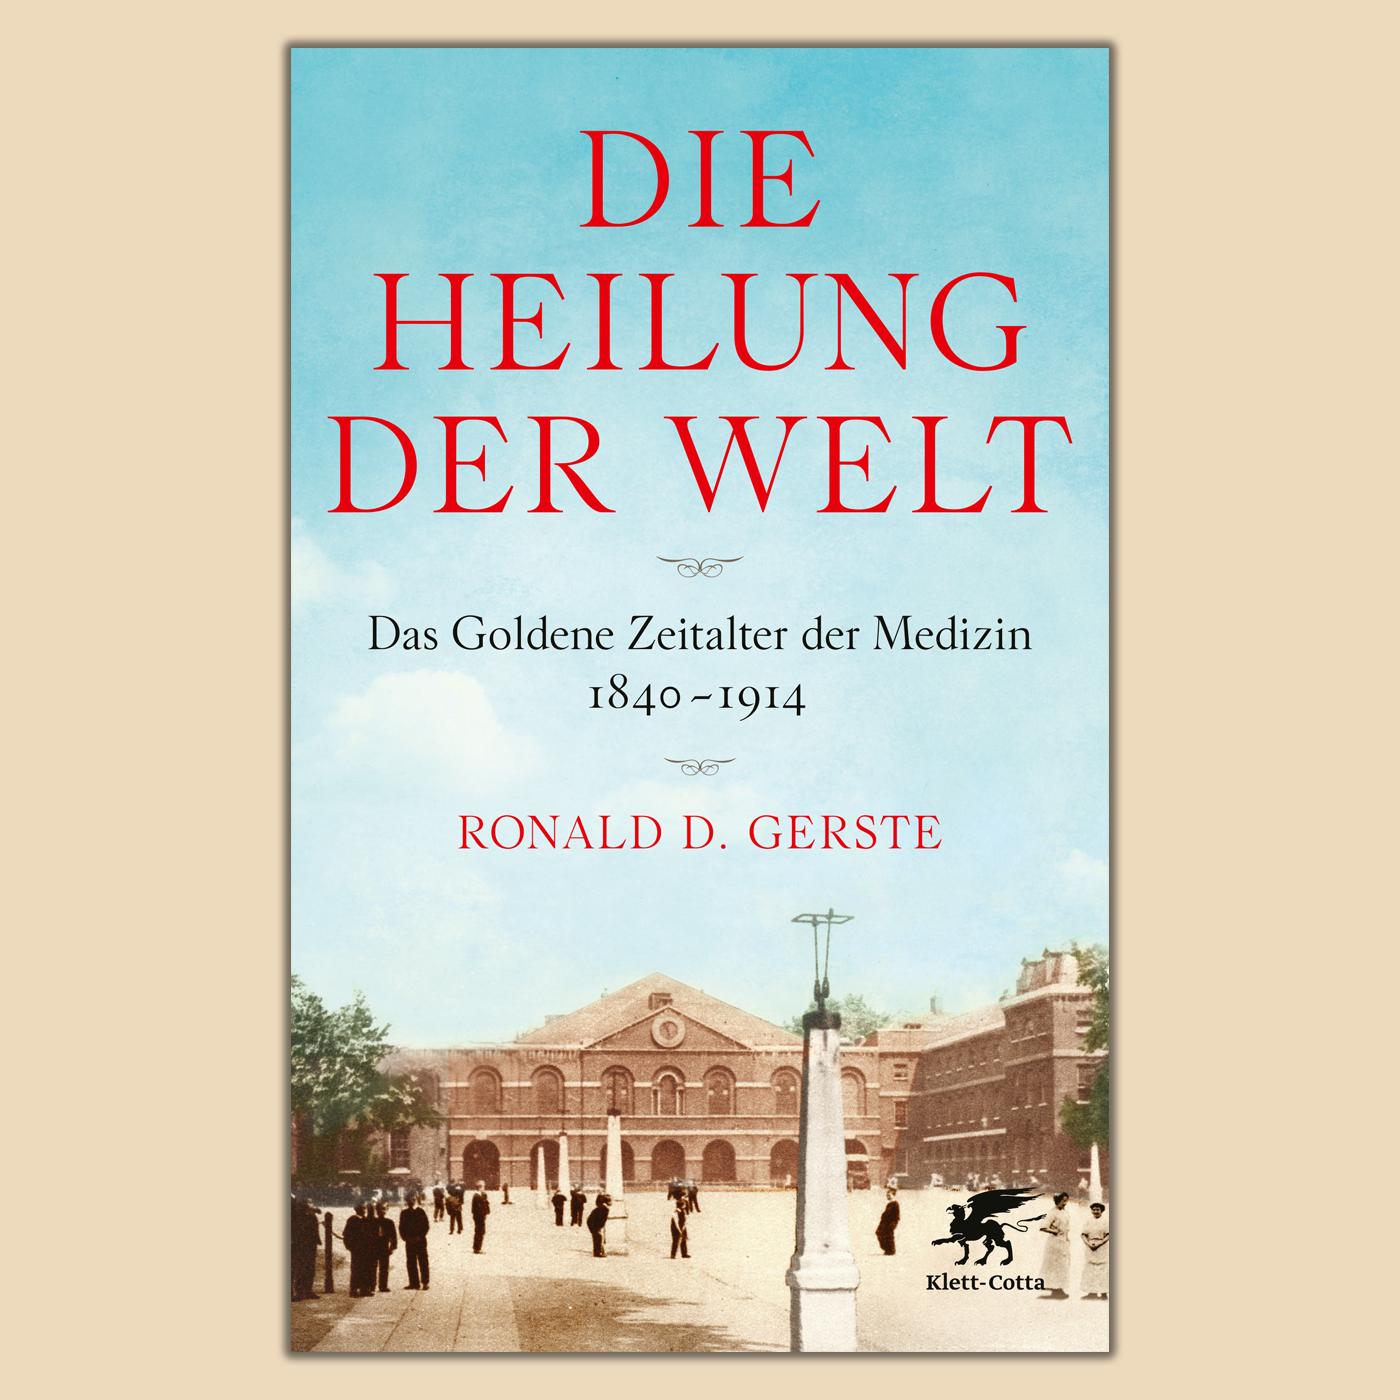 Die Heilung der Welt von Ronald D. Gerste